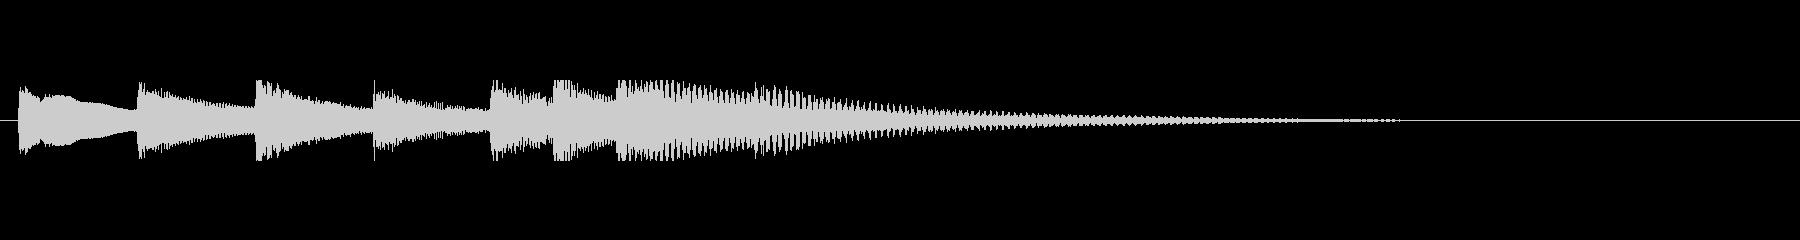 余韻を残す柔らかいピアノジングルの未再生の波形